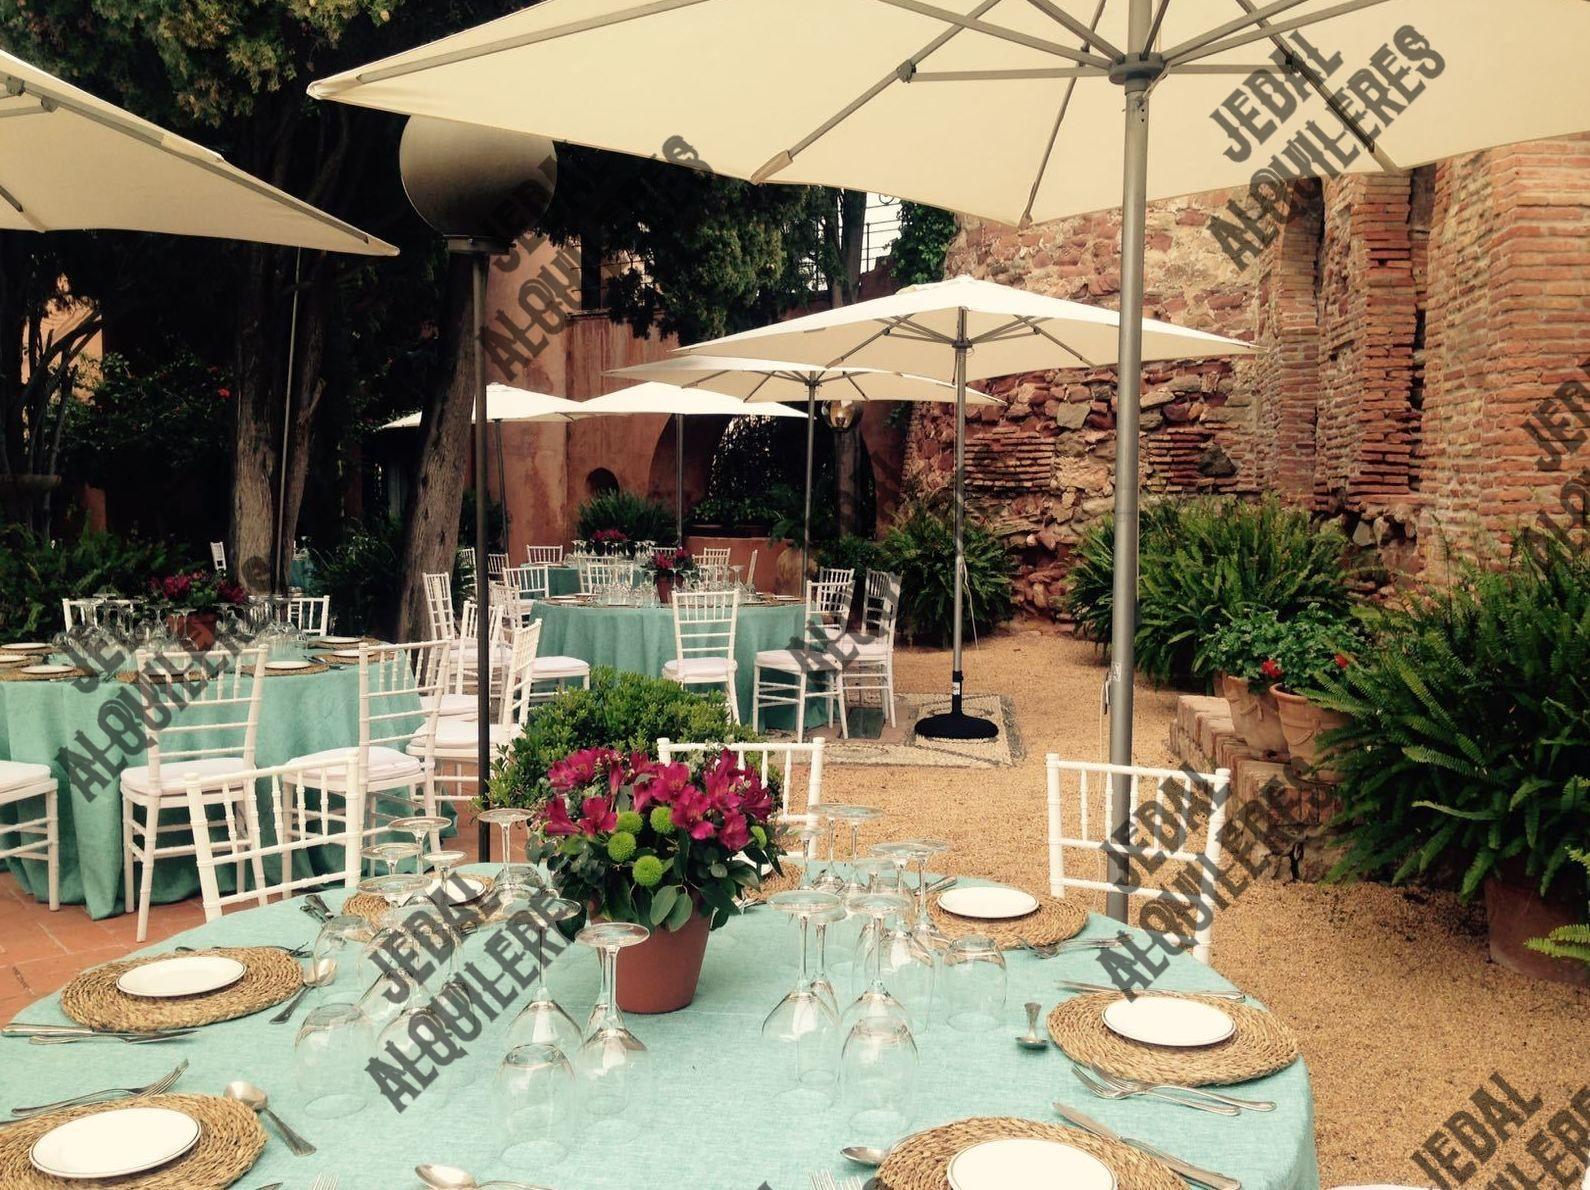 Alquileres de mobiliario para fiestas en Jerez de la Frontera